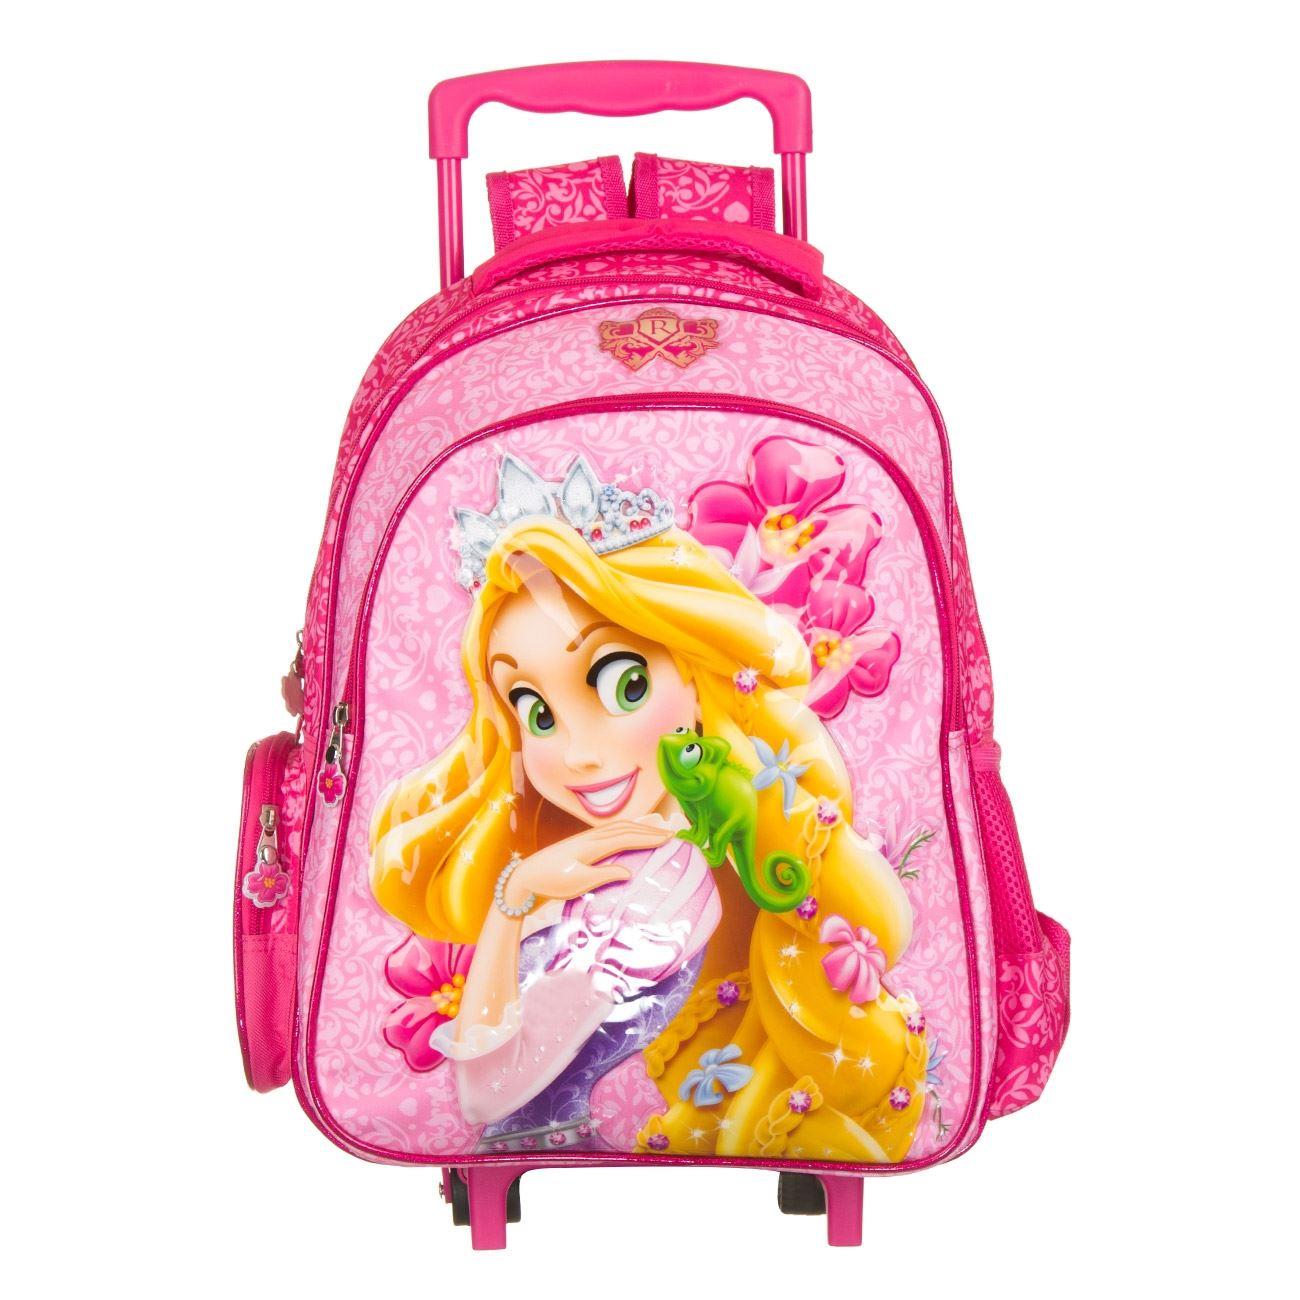 c3f76a1767 Τρόλεϋ Δημοτικού Rapunzel   Τρόλευ Δημοτικού για Κορίτσια